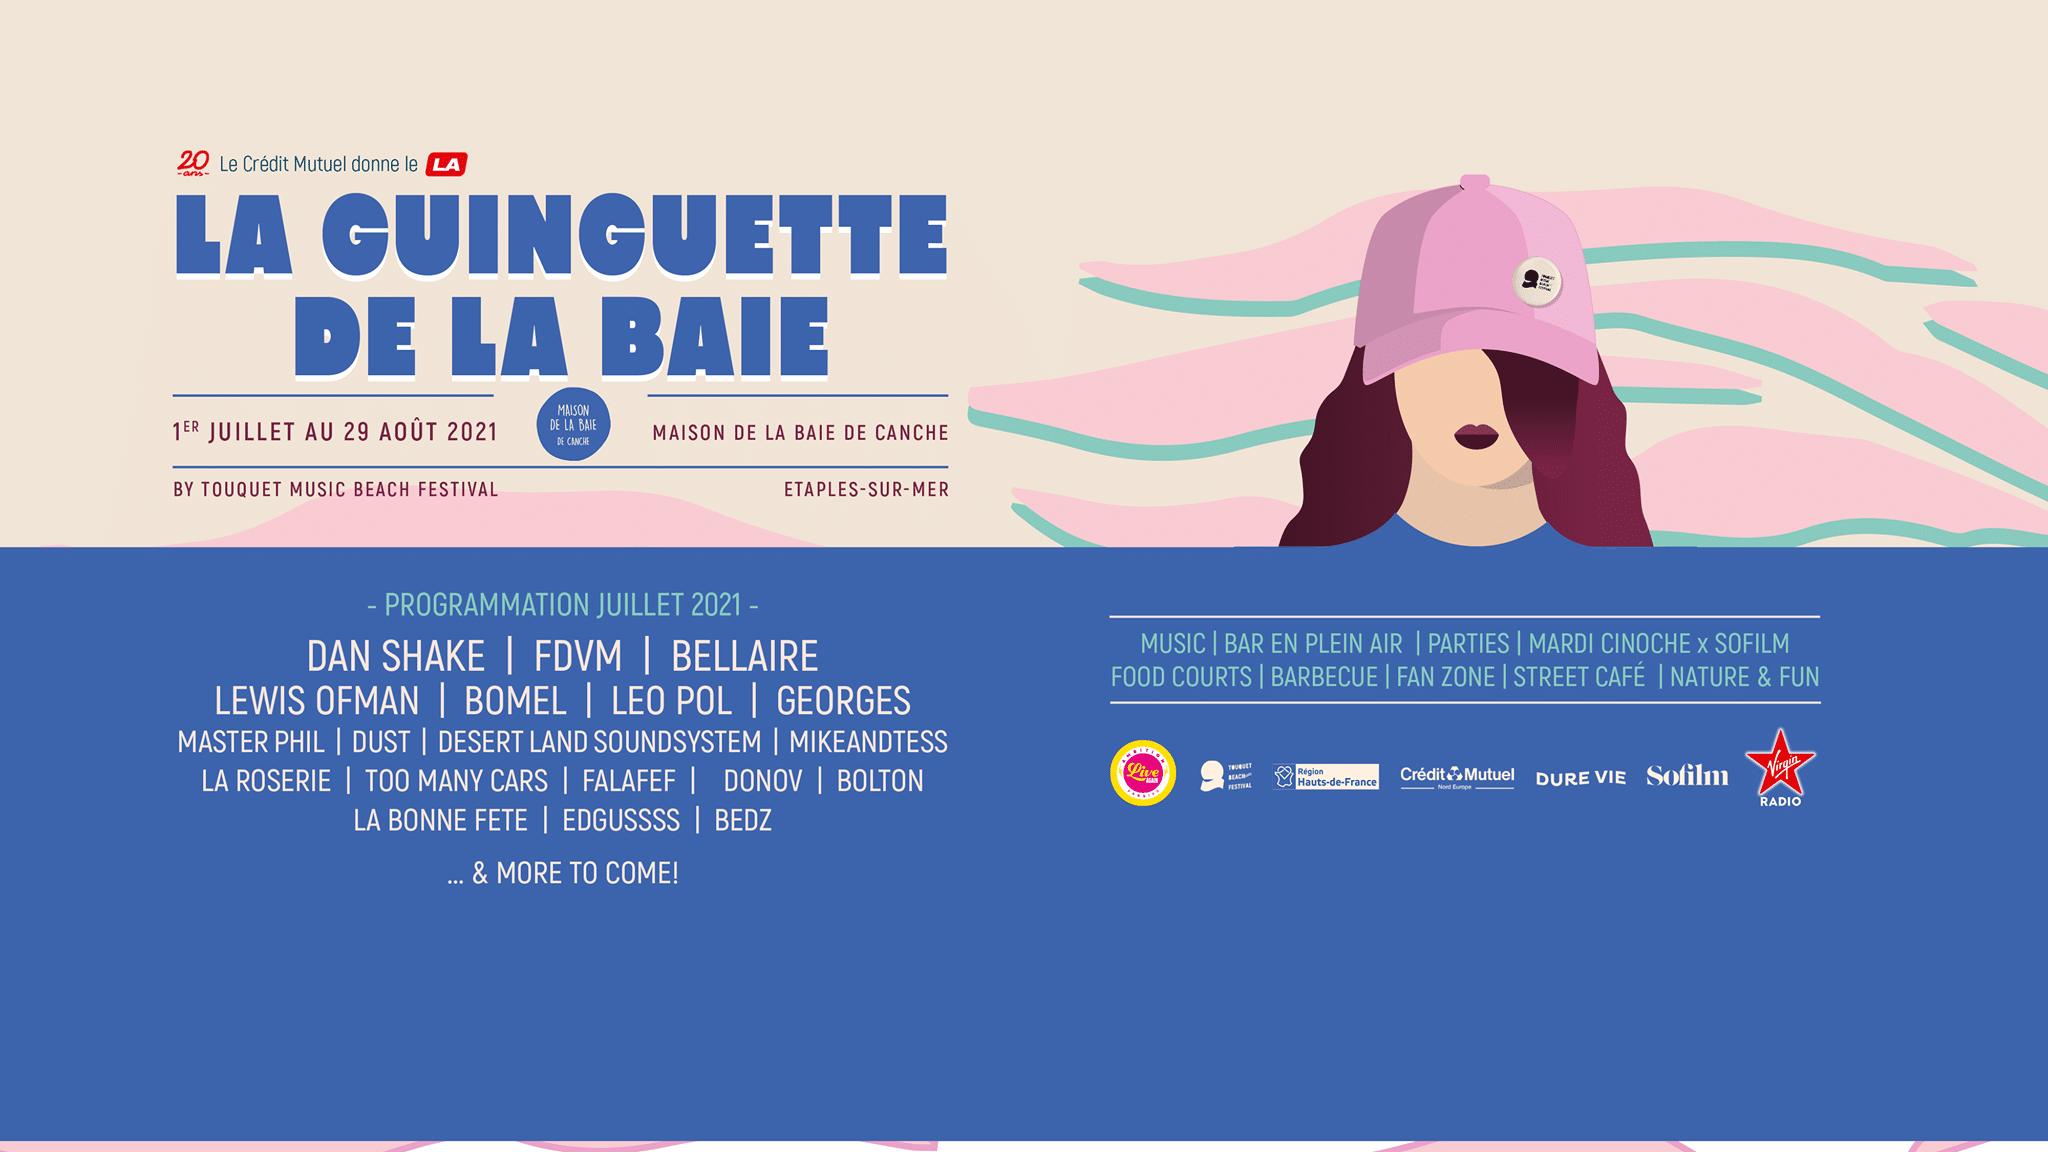 affiche de la Guinguette de la Baie